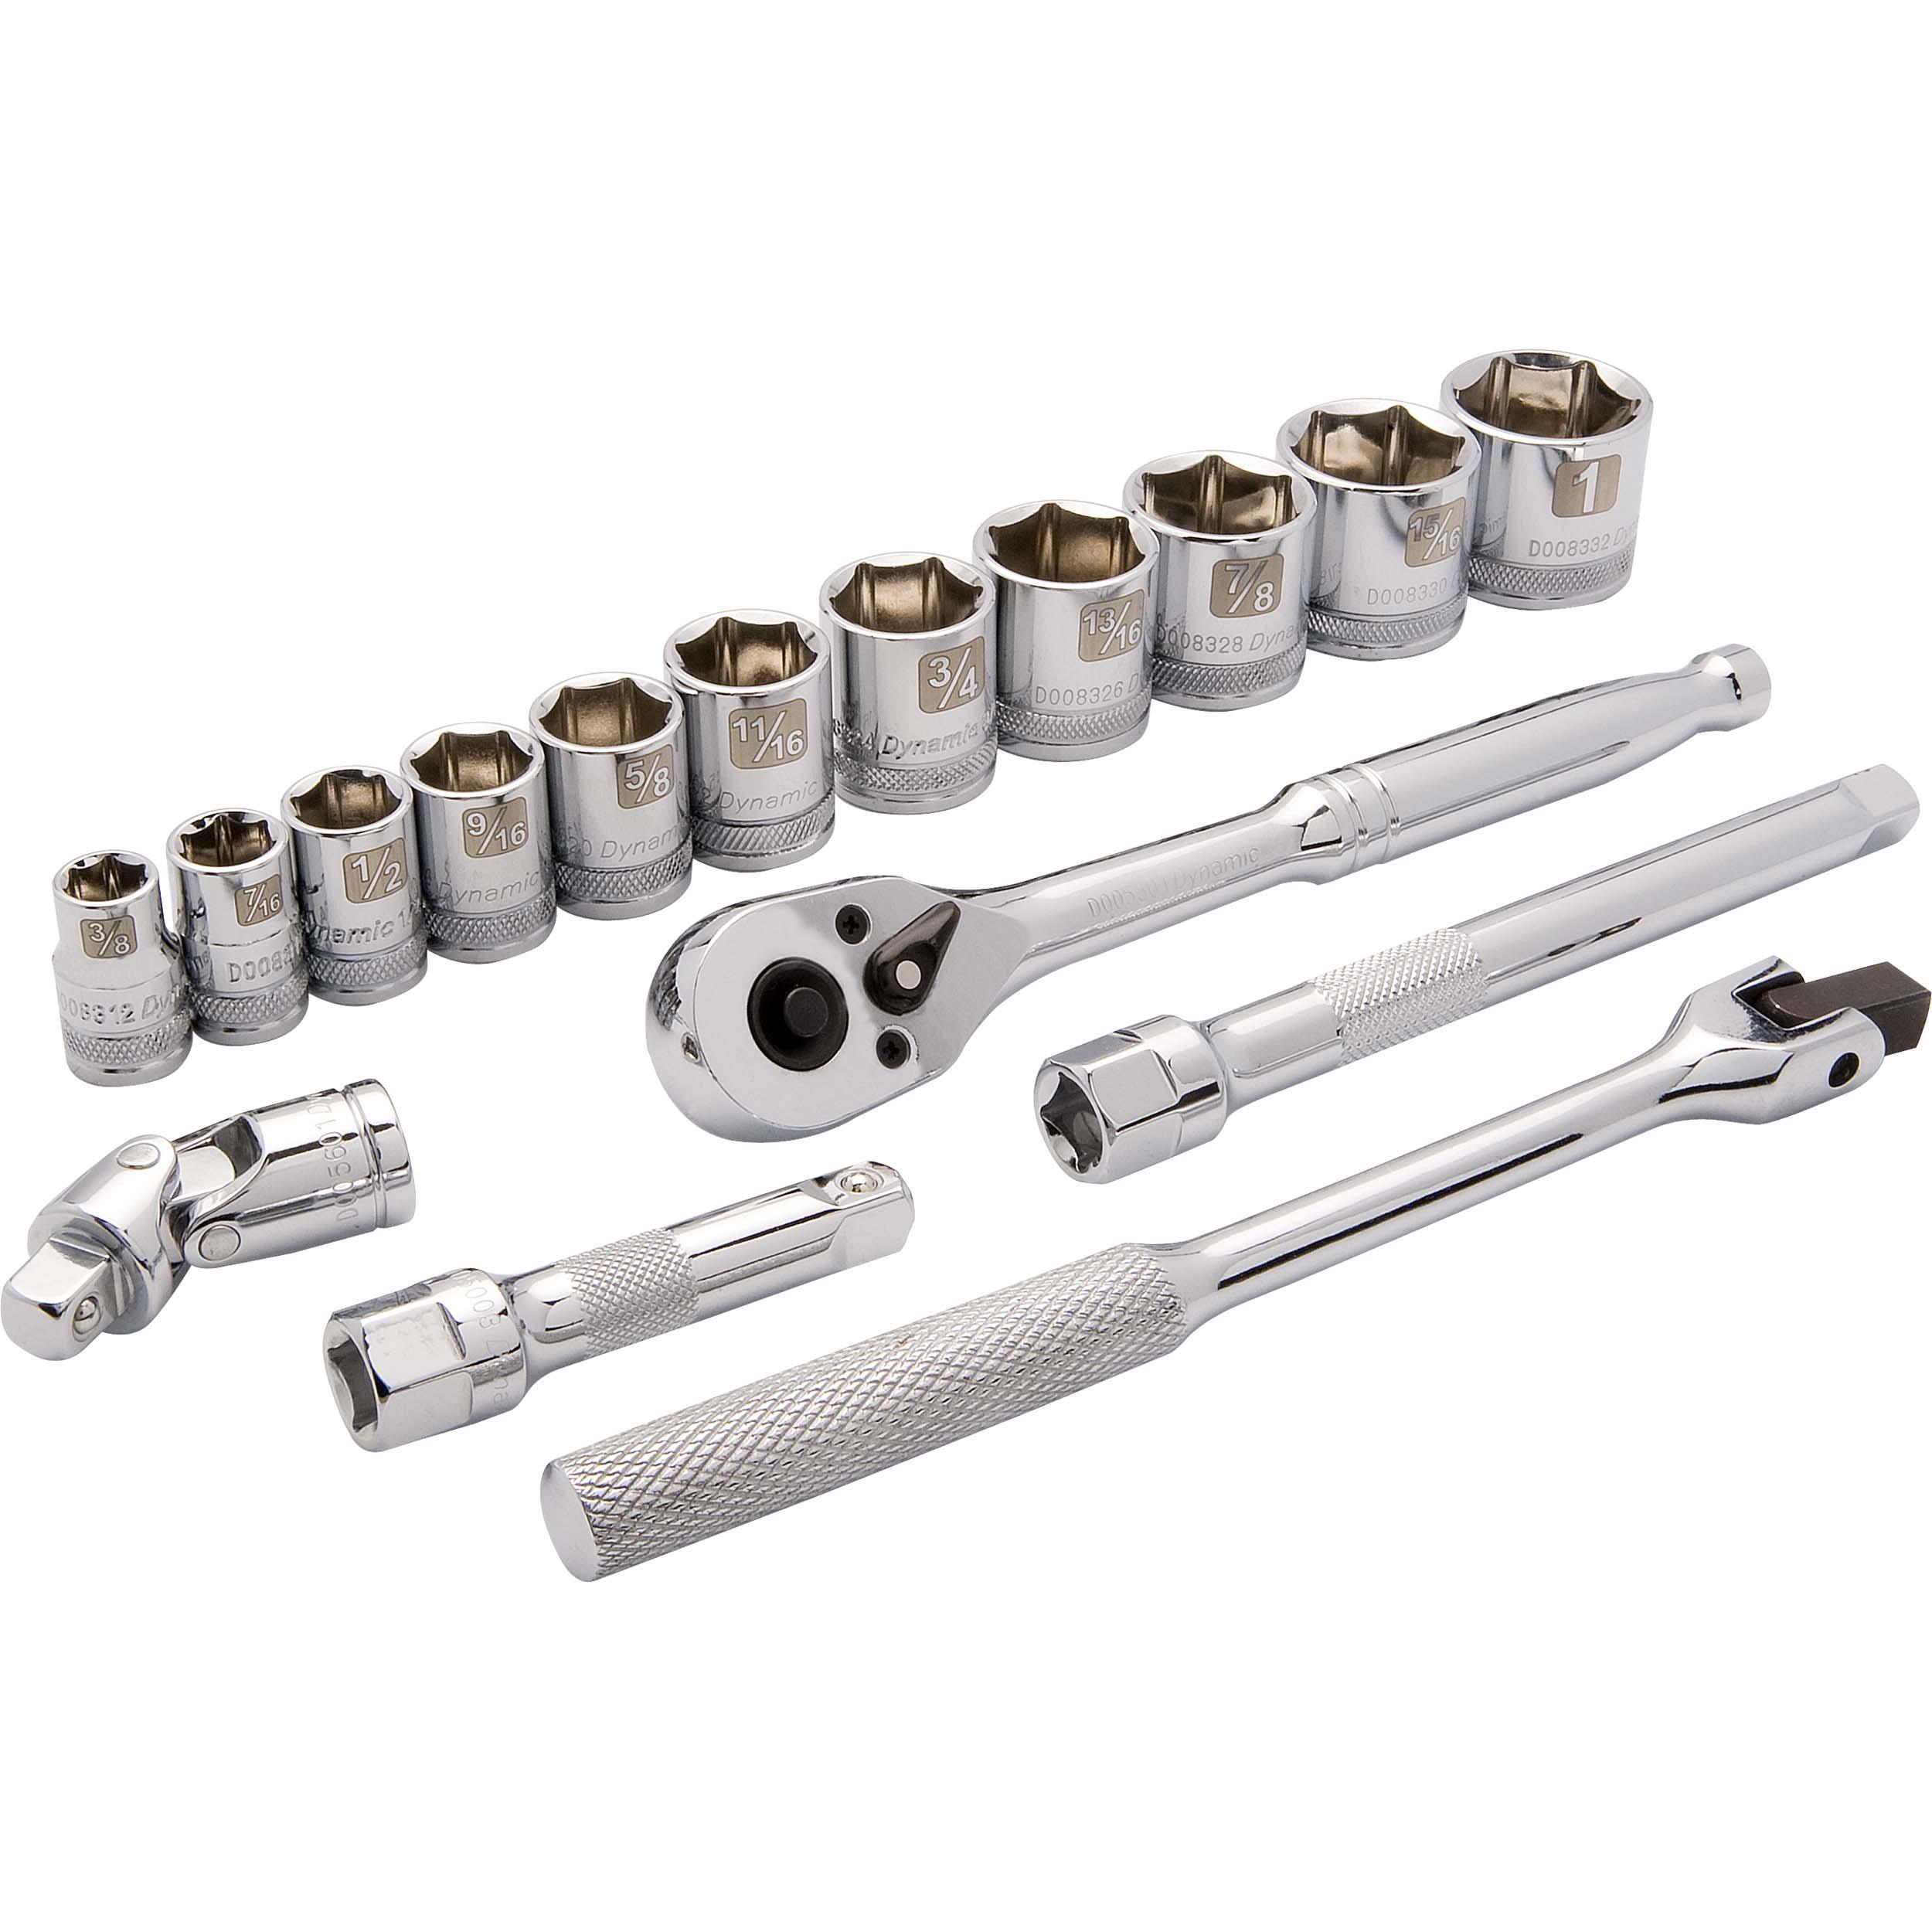 Tools 3/8